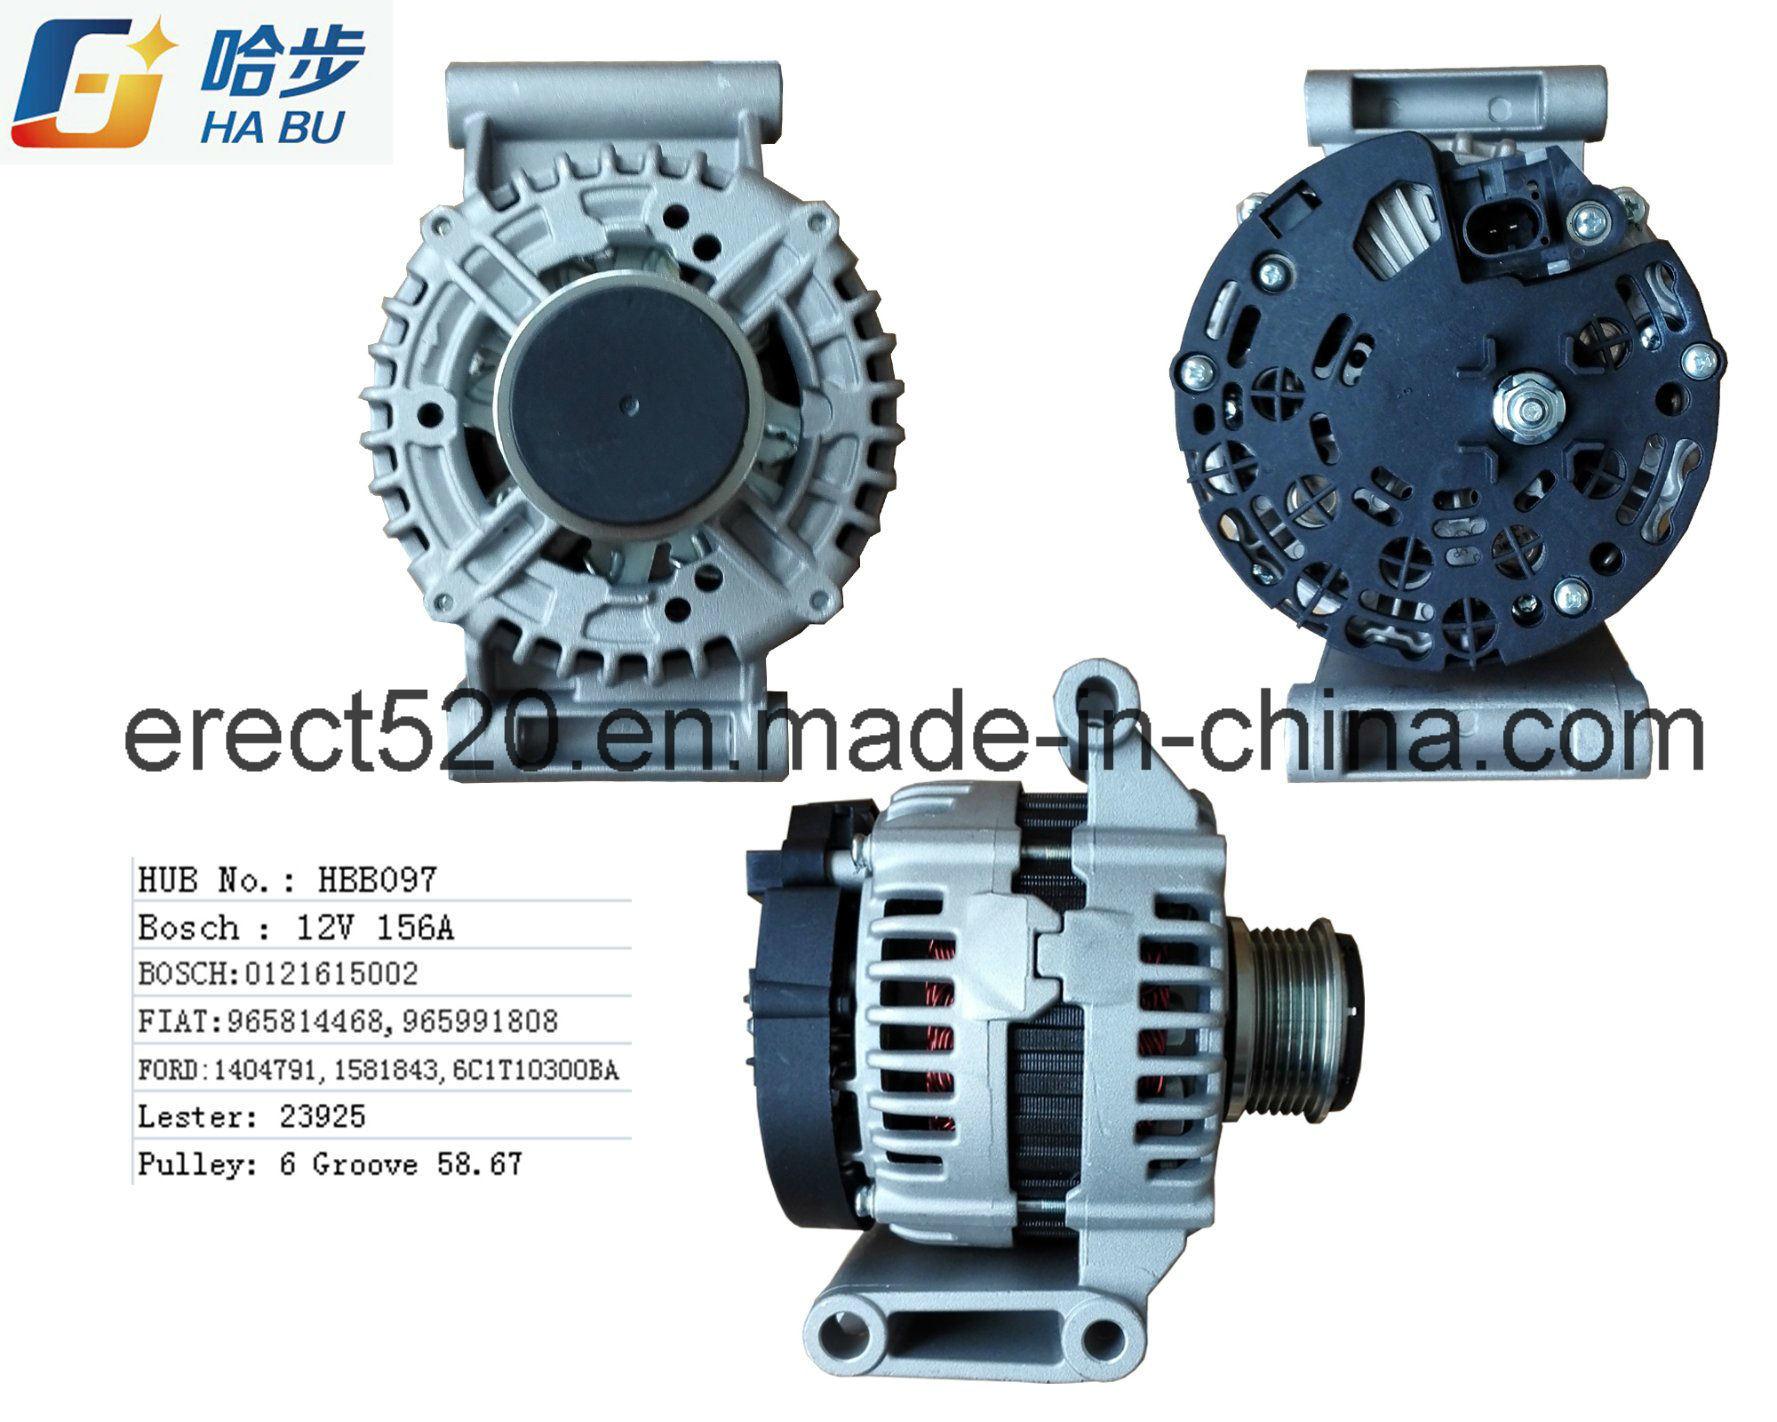 Transit Alternator Ca1922IR 12V 150A 0121615003 for D 6c1t10300ca Lester 23925, Wai 1284300bo